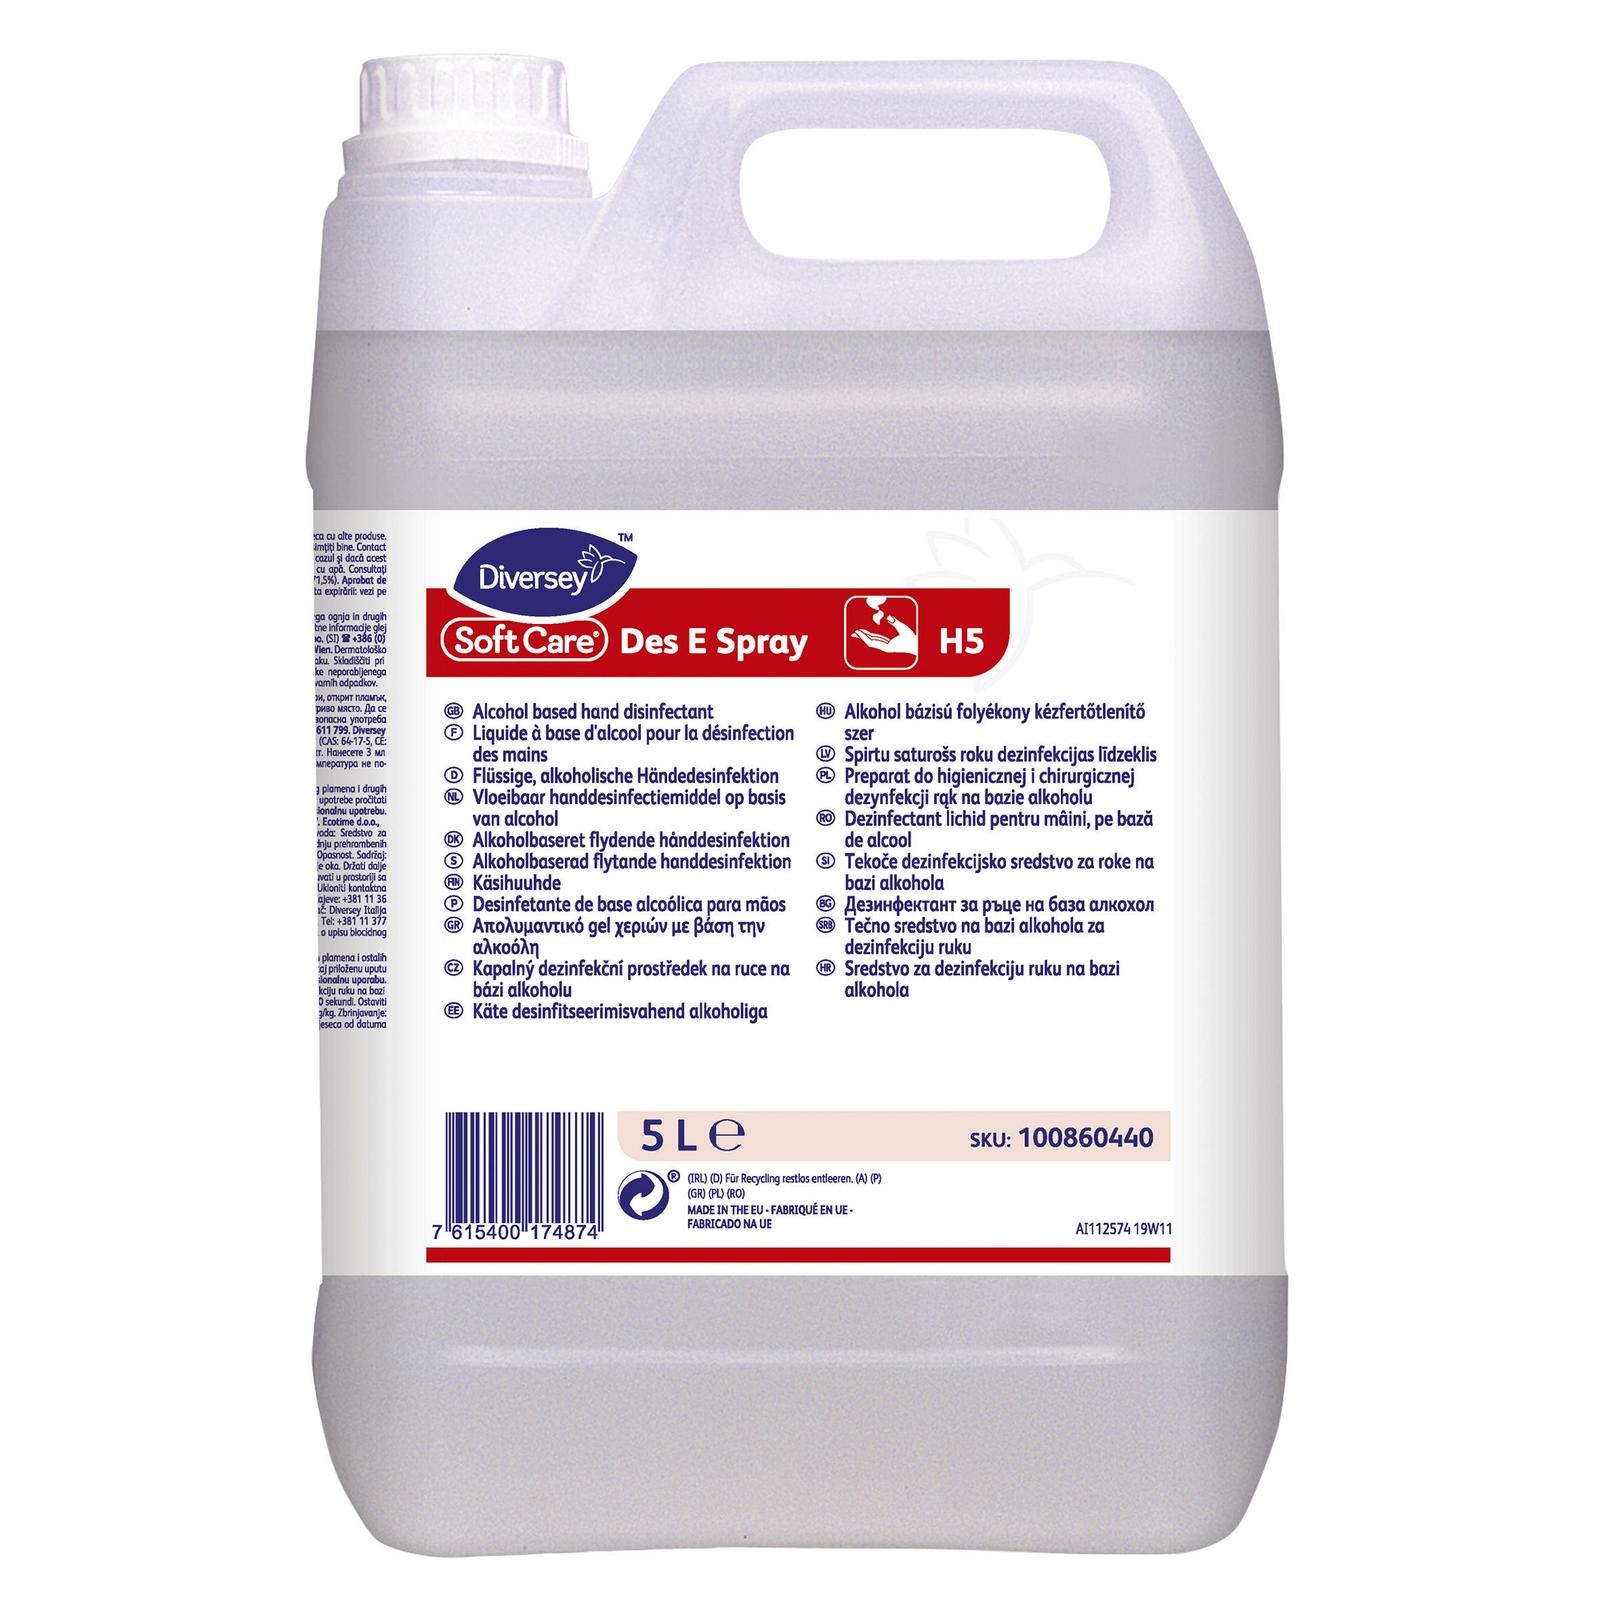 Soft Care Des E Spray H5 2x5L